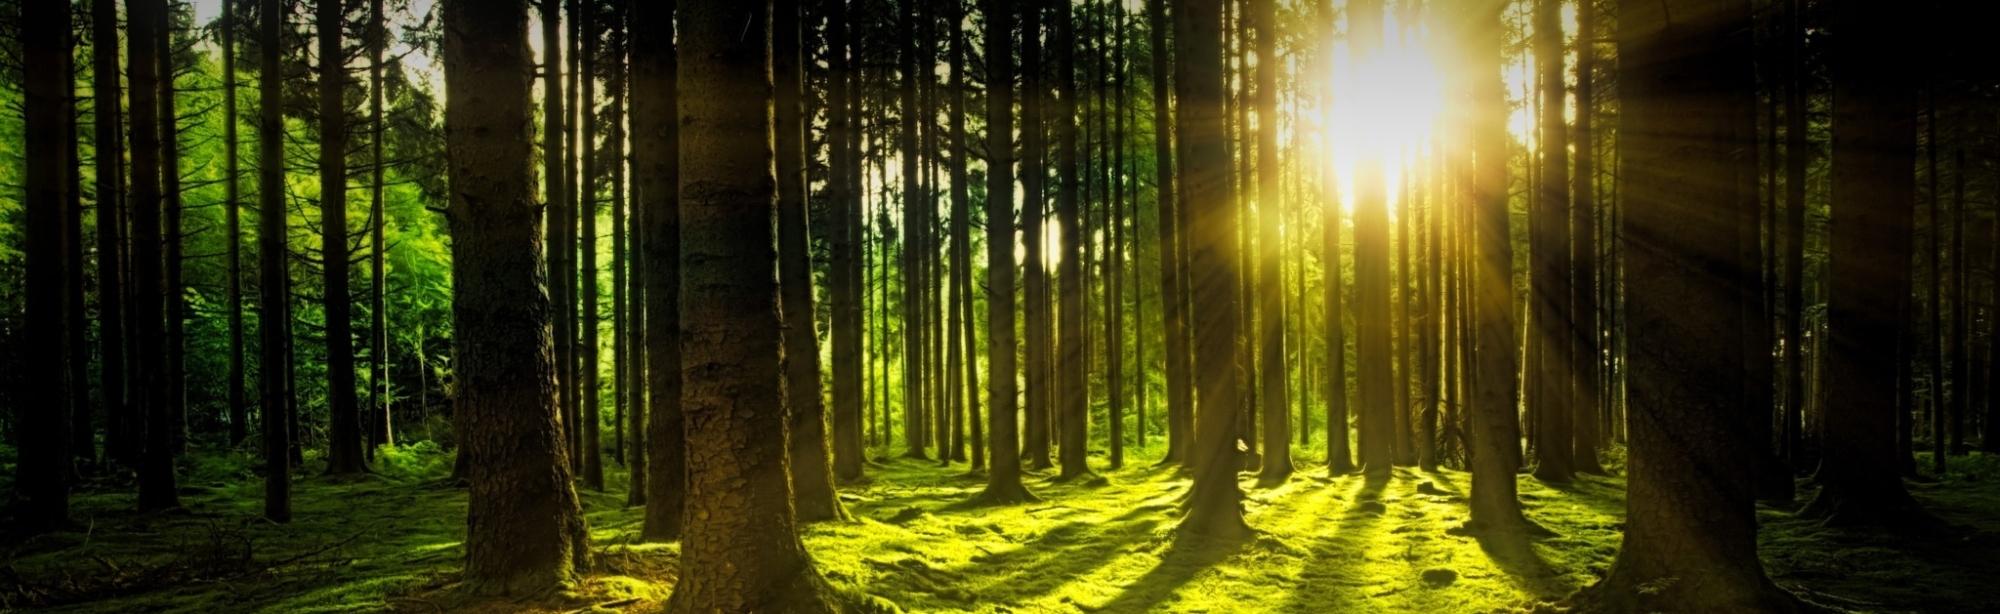 Brennstoffhandel Lehner - nachhaltige Forstwirtschaft